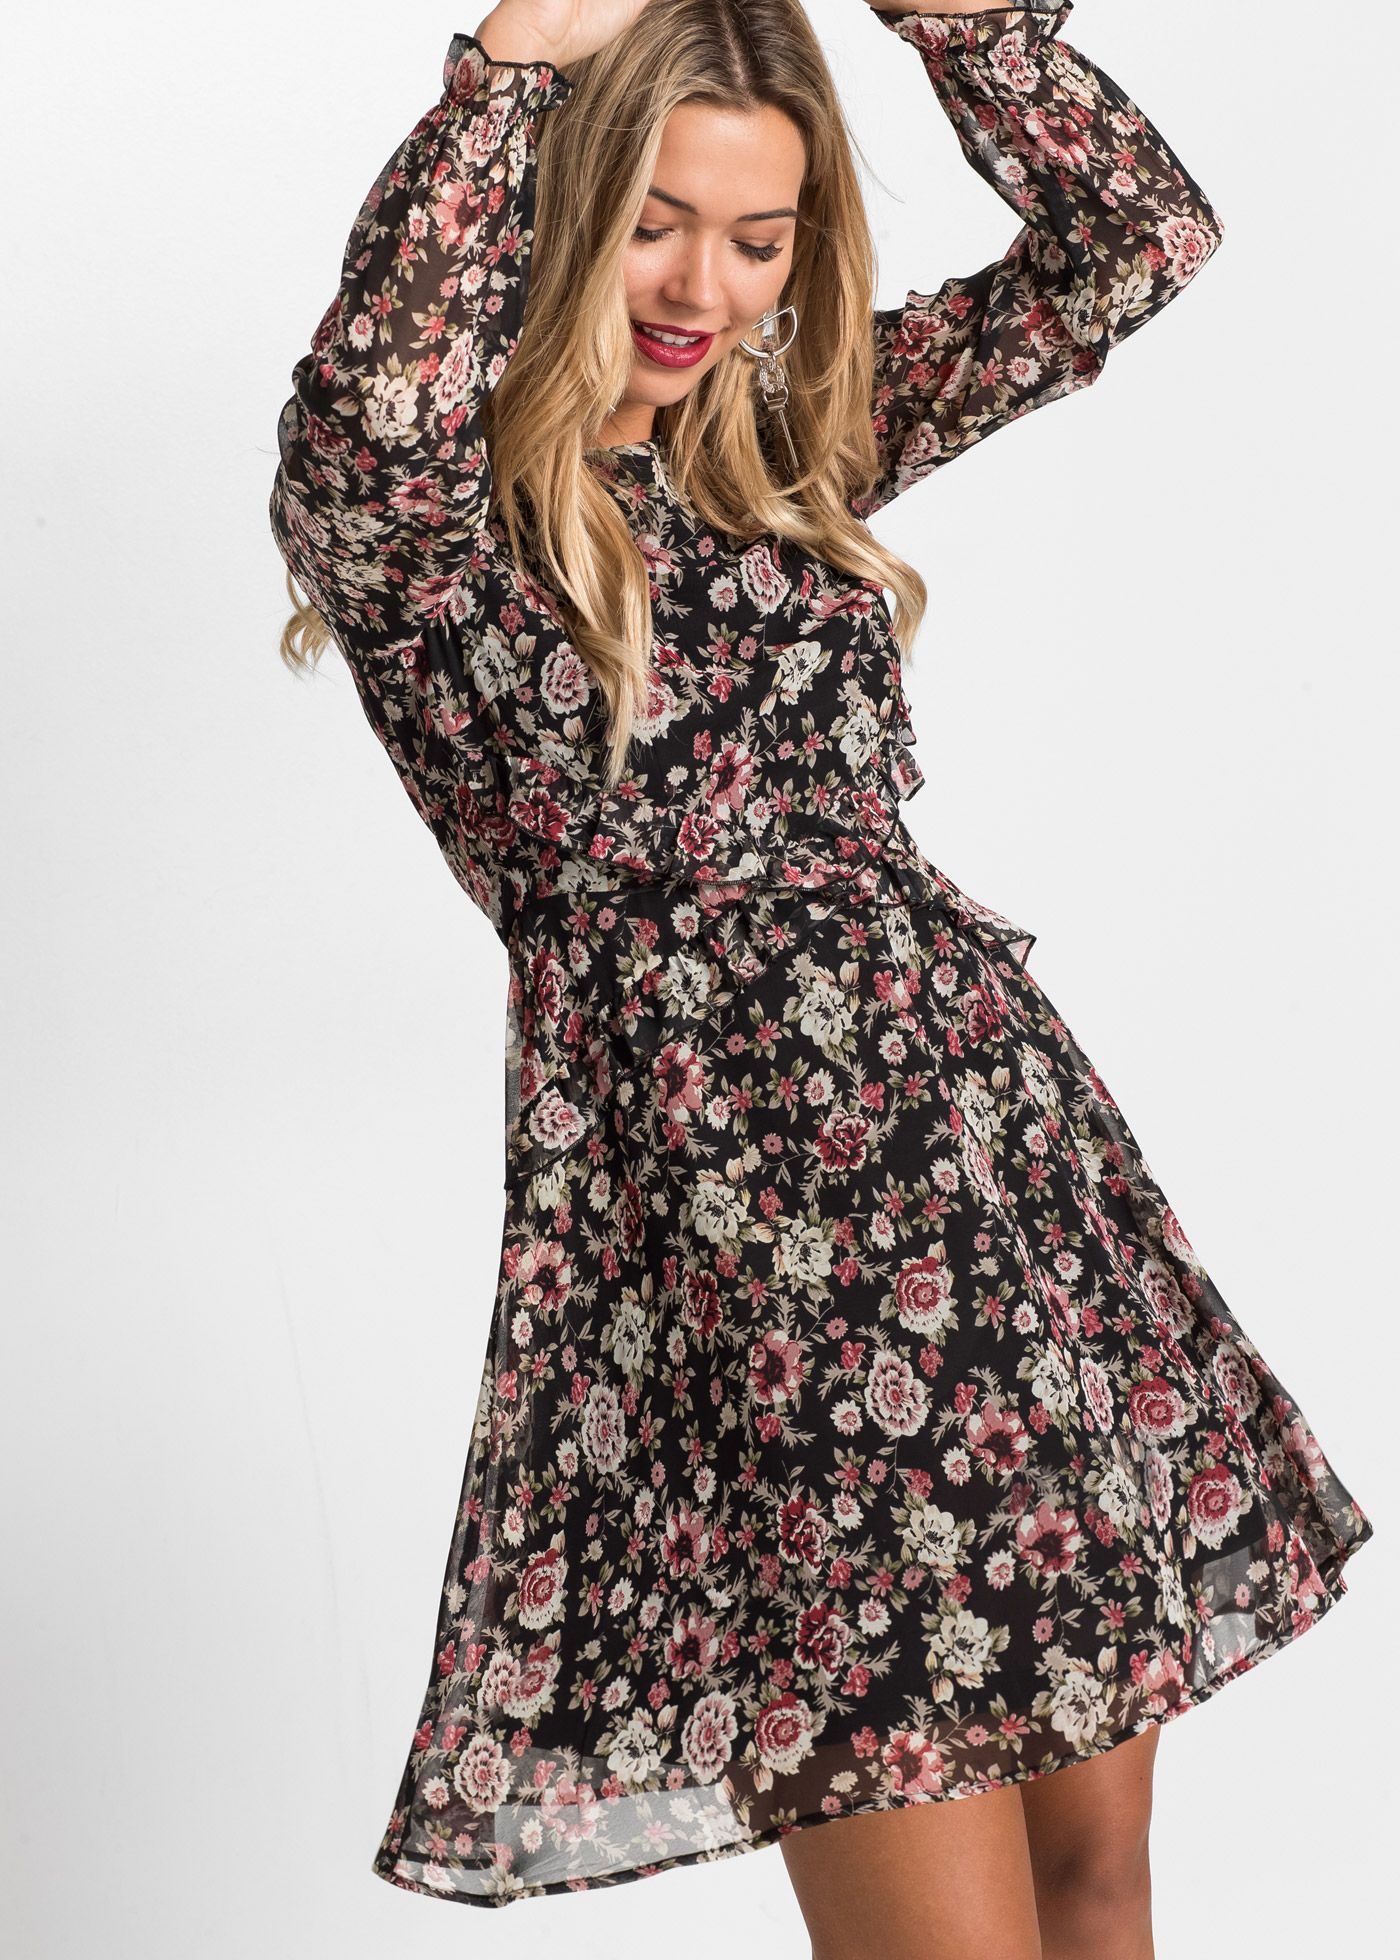 Kleid mit Blumendruck   Kleider, Schicke kleider und Outfit